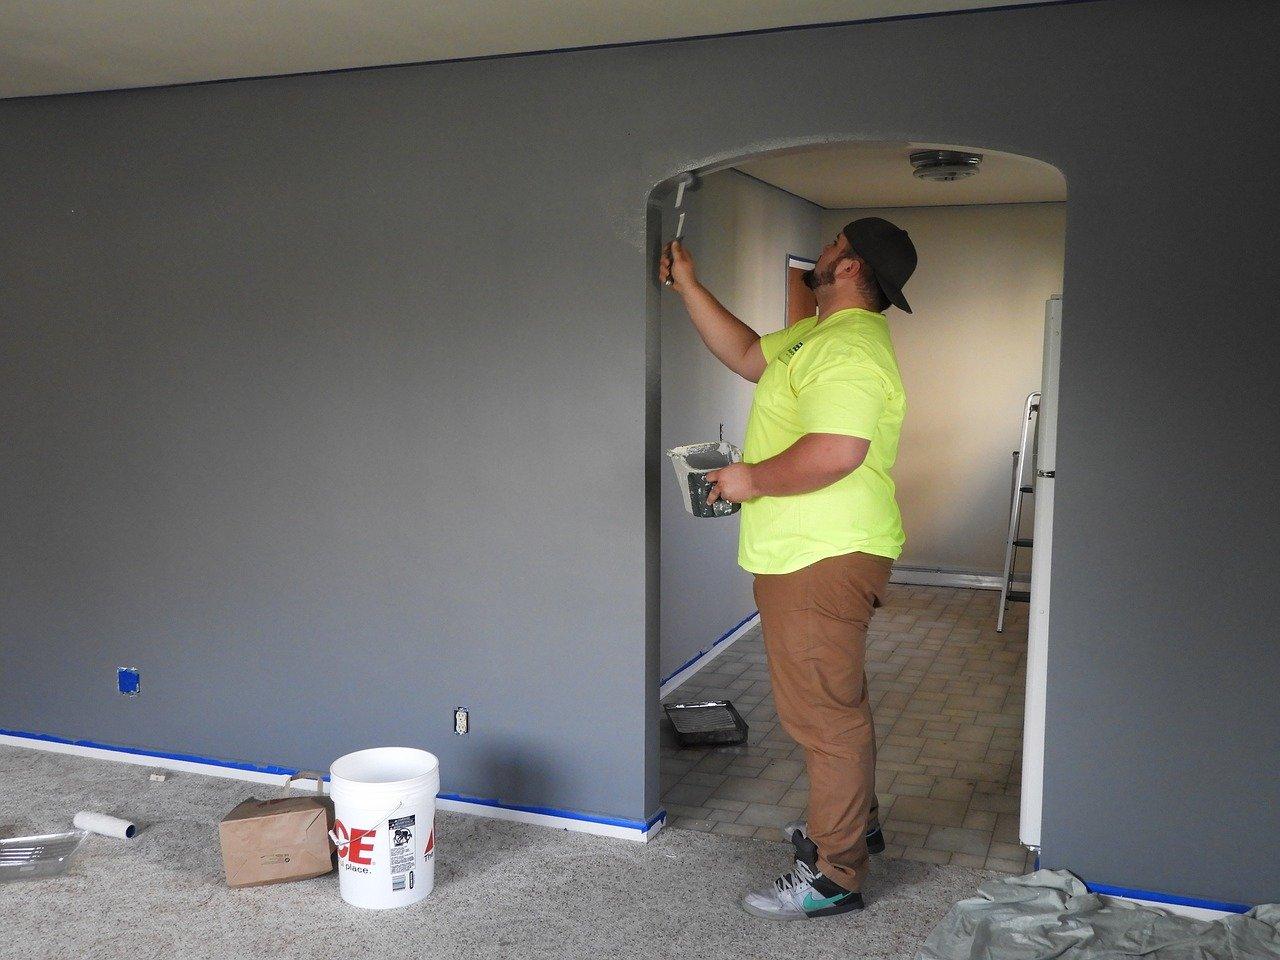 Rénover une maison avant de trouver des locataires